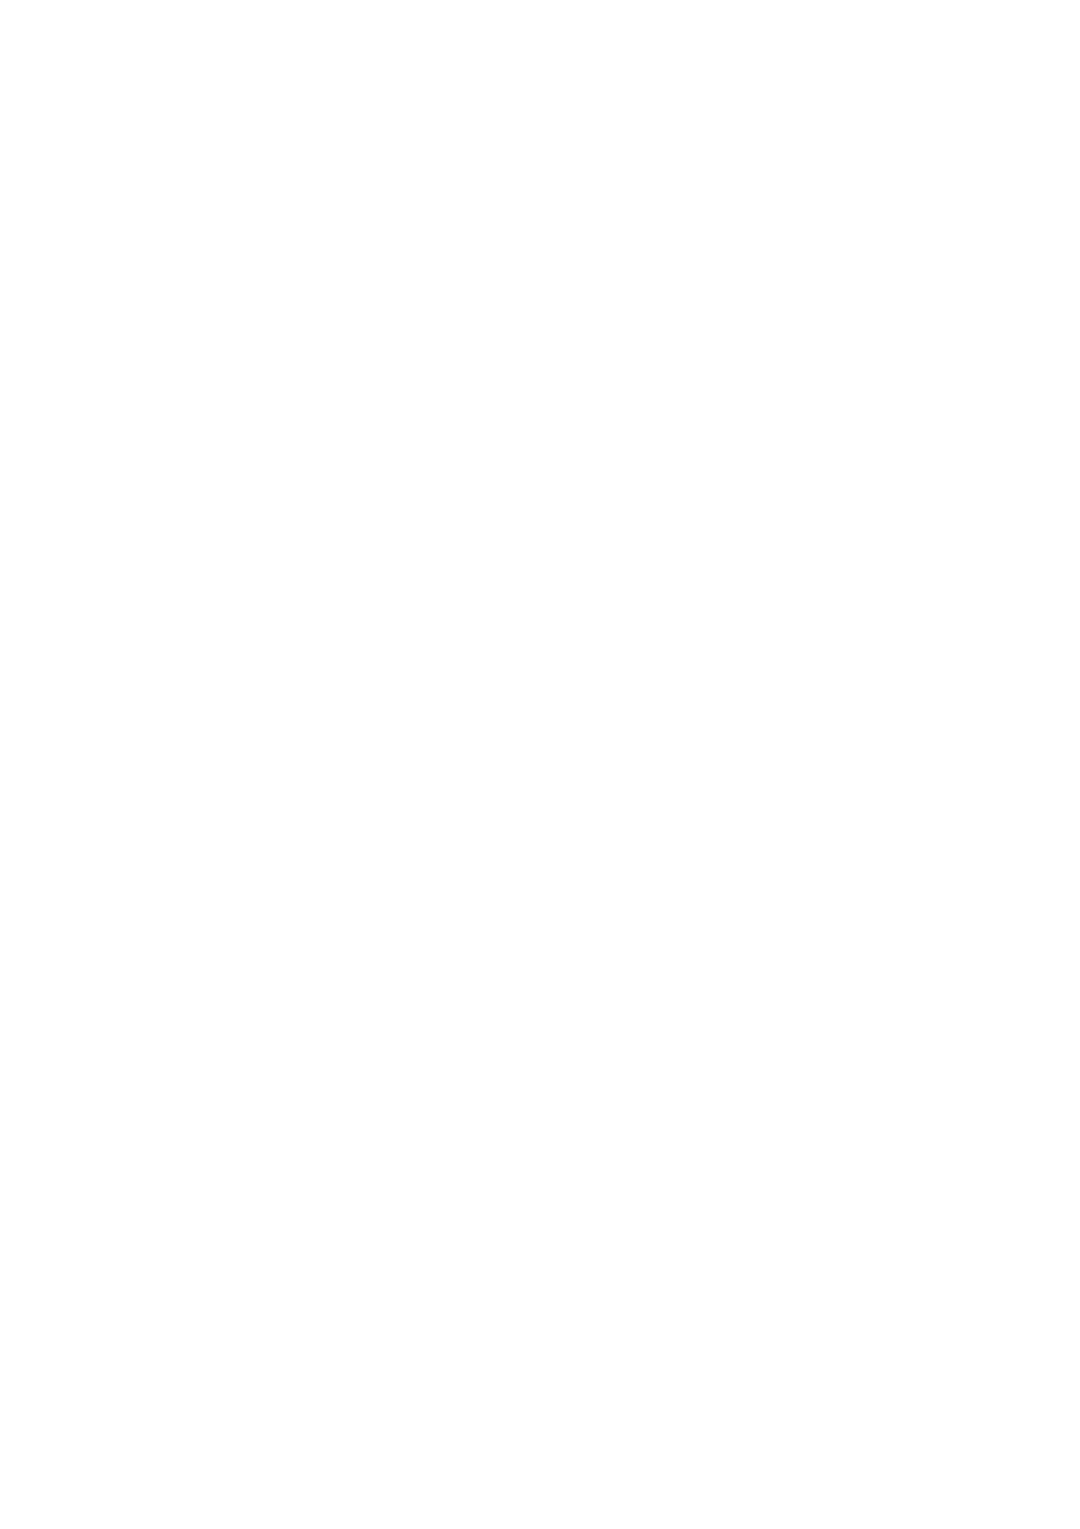 【エロ同人誌】巨大なデカマラを持つ絶倫弟を逆レイプしてヌキまくる痴女姉たち。交代でフェラしてハメまくりハーレム乱交おねショタ中出しセックスして全員種付け絶頂【オリジナル】